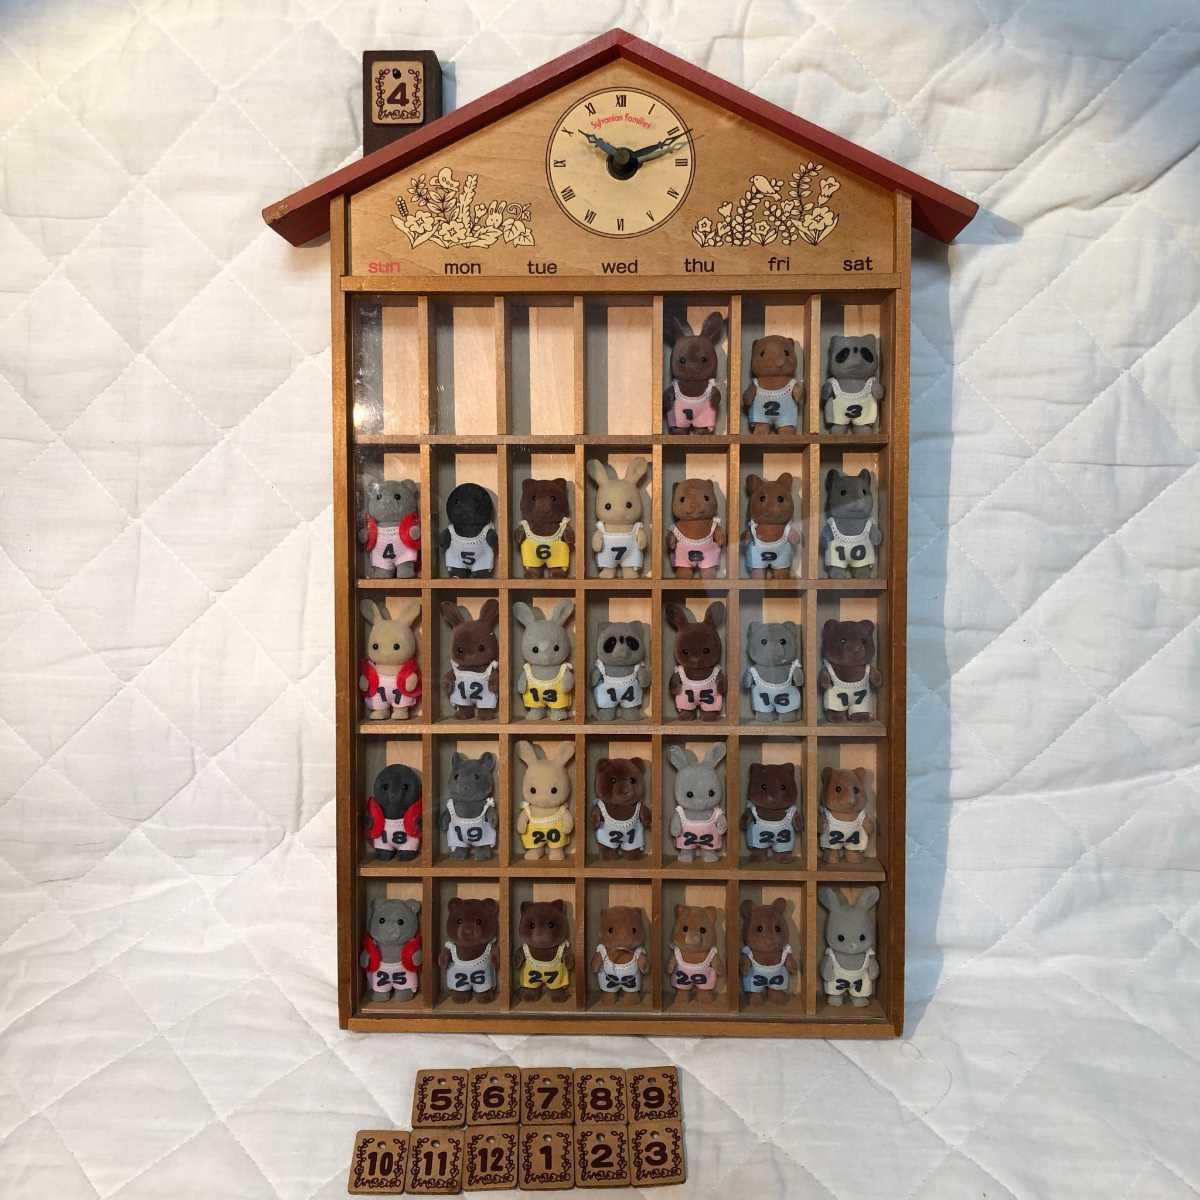 【レア 動作品】シルバニアファミリー 赤ちゃんカレンダー 時計